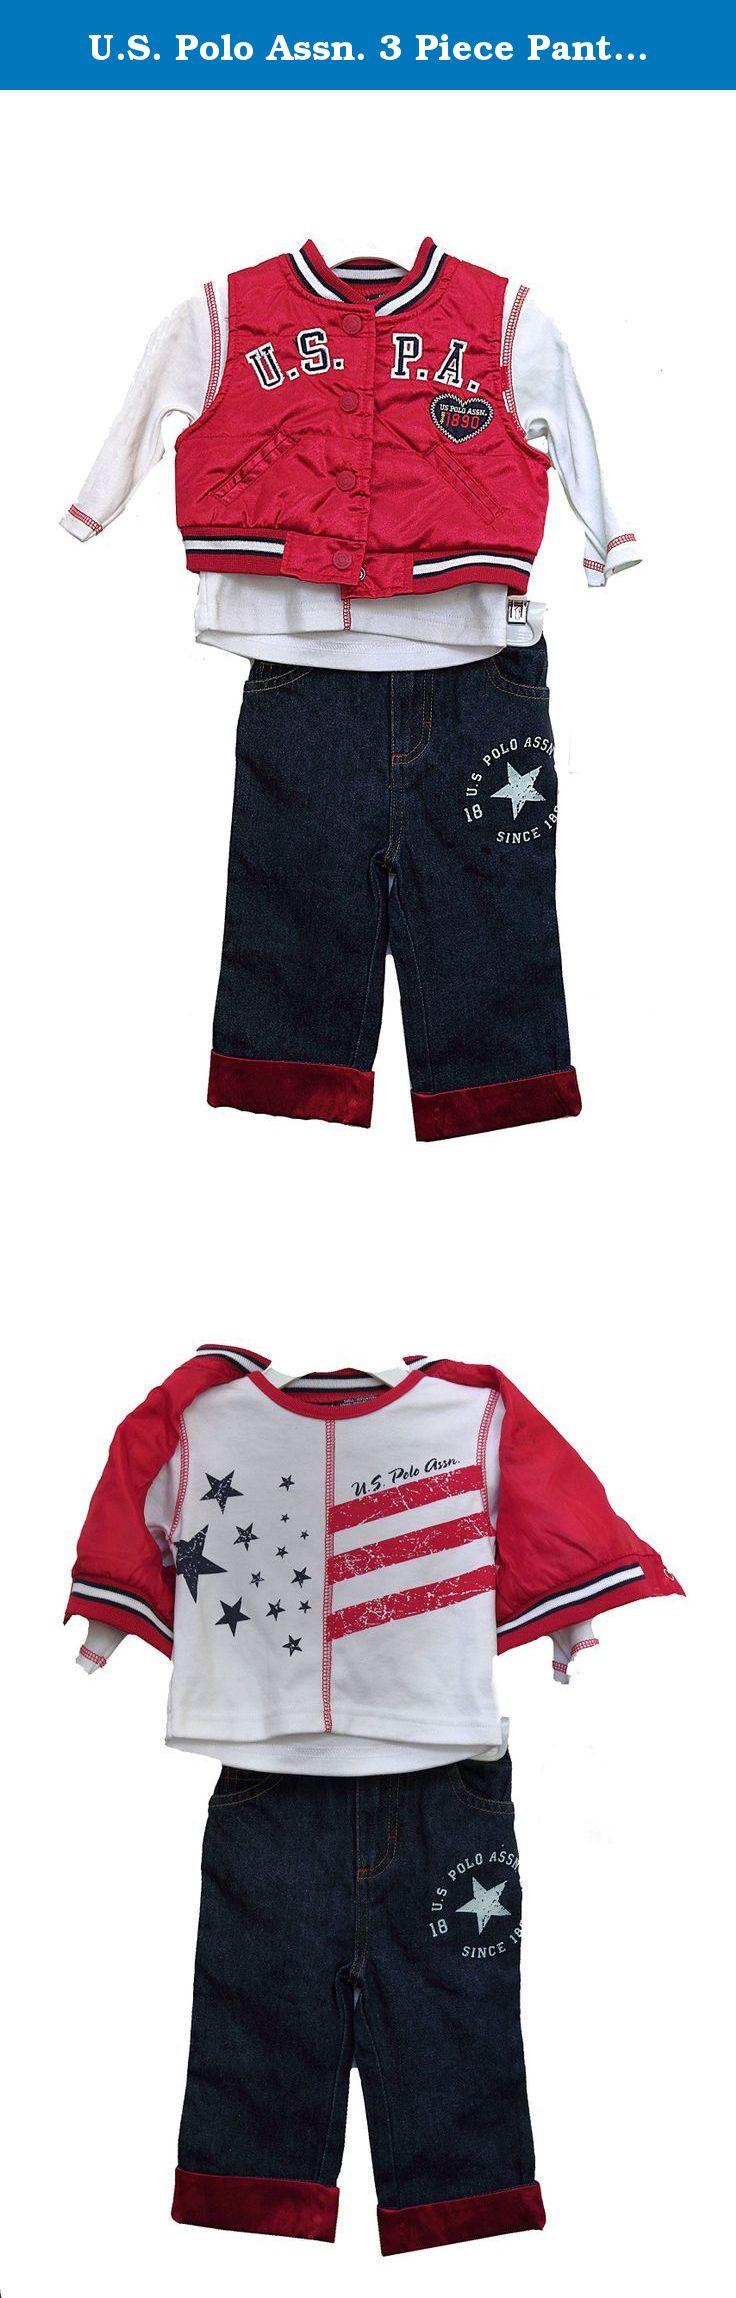 579a9227f U.S. Polo Assn. 3 Piece Pants Set Girls 6-9 Months - Sleeveless Jack ...